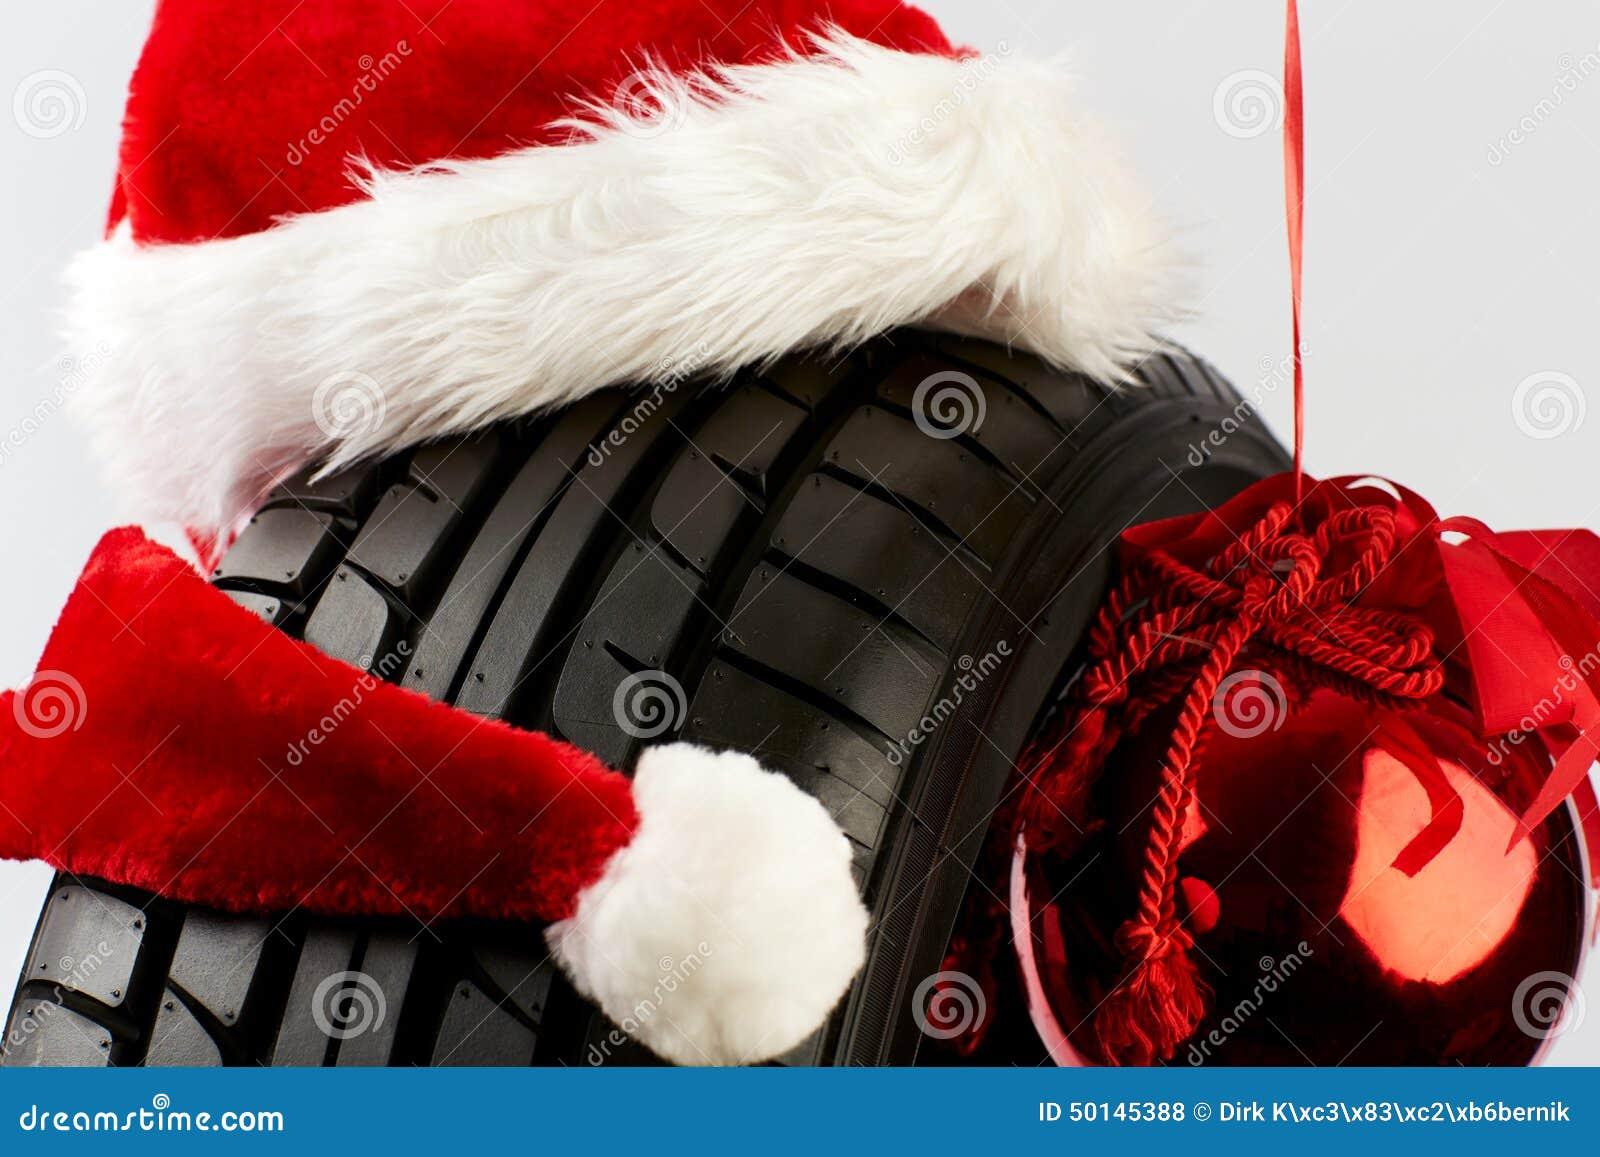 Weihnachtsgrüße Für.Weihnachtsgrüße Für Den Reifenhandel Stockfoto Bild Von Für Gruß